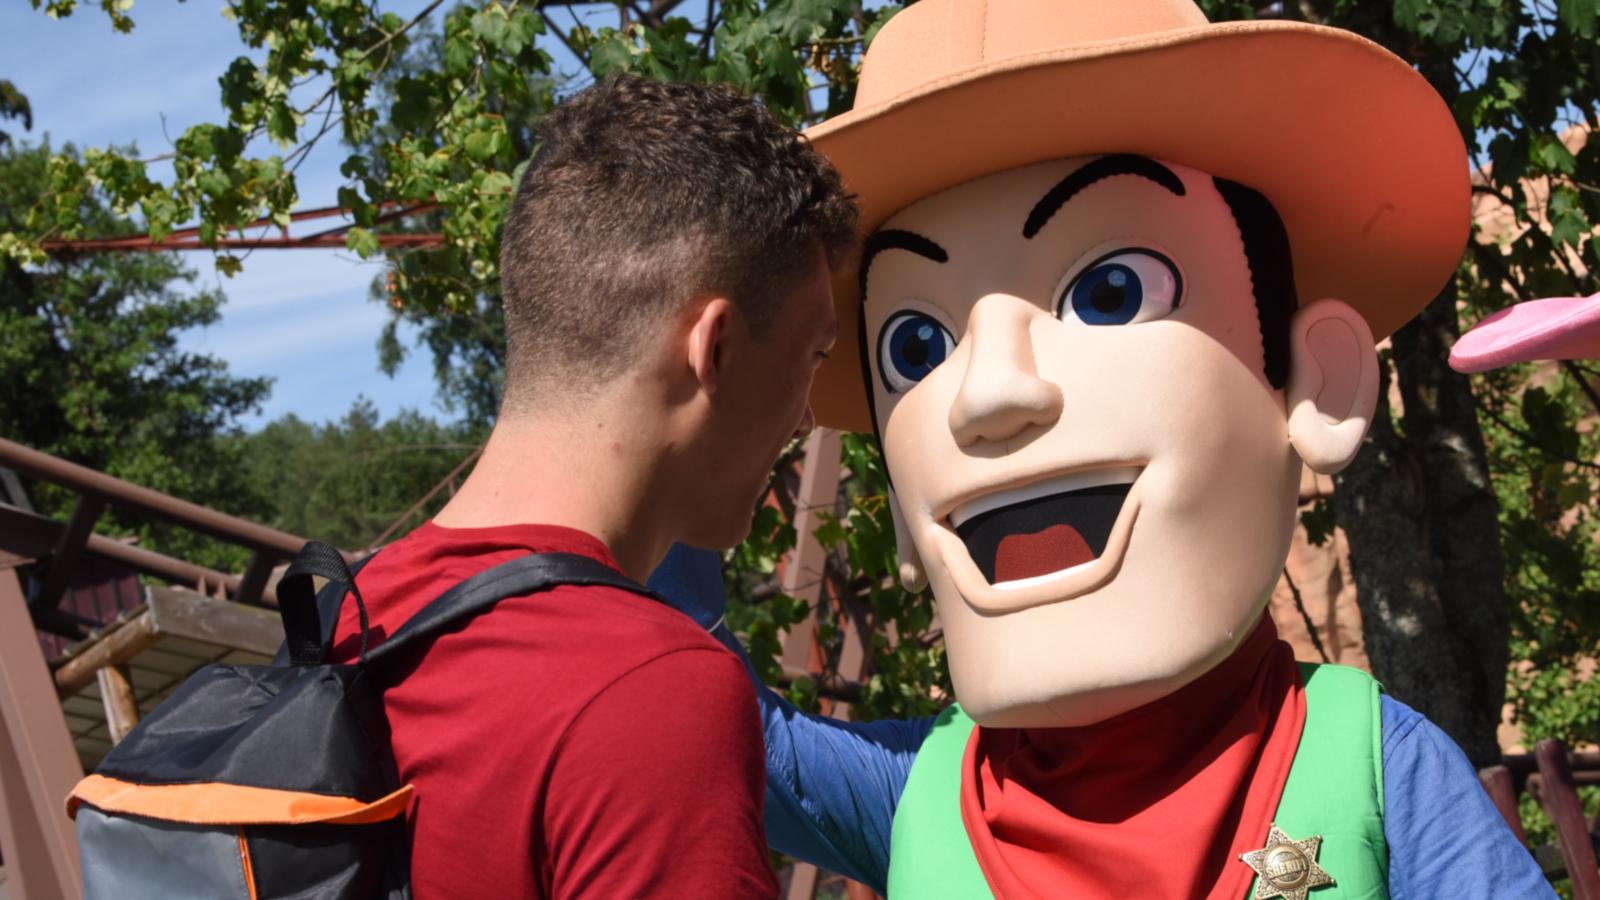 La mascotte du parc, Billy, a été créé en 1987.